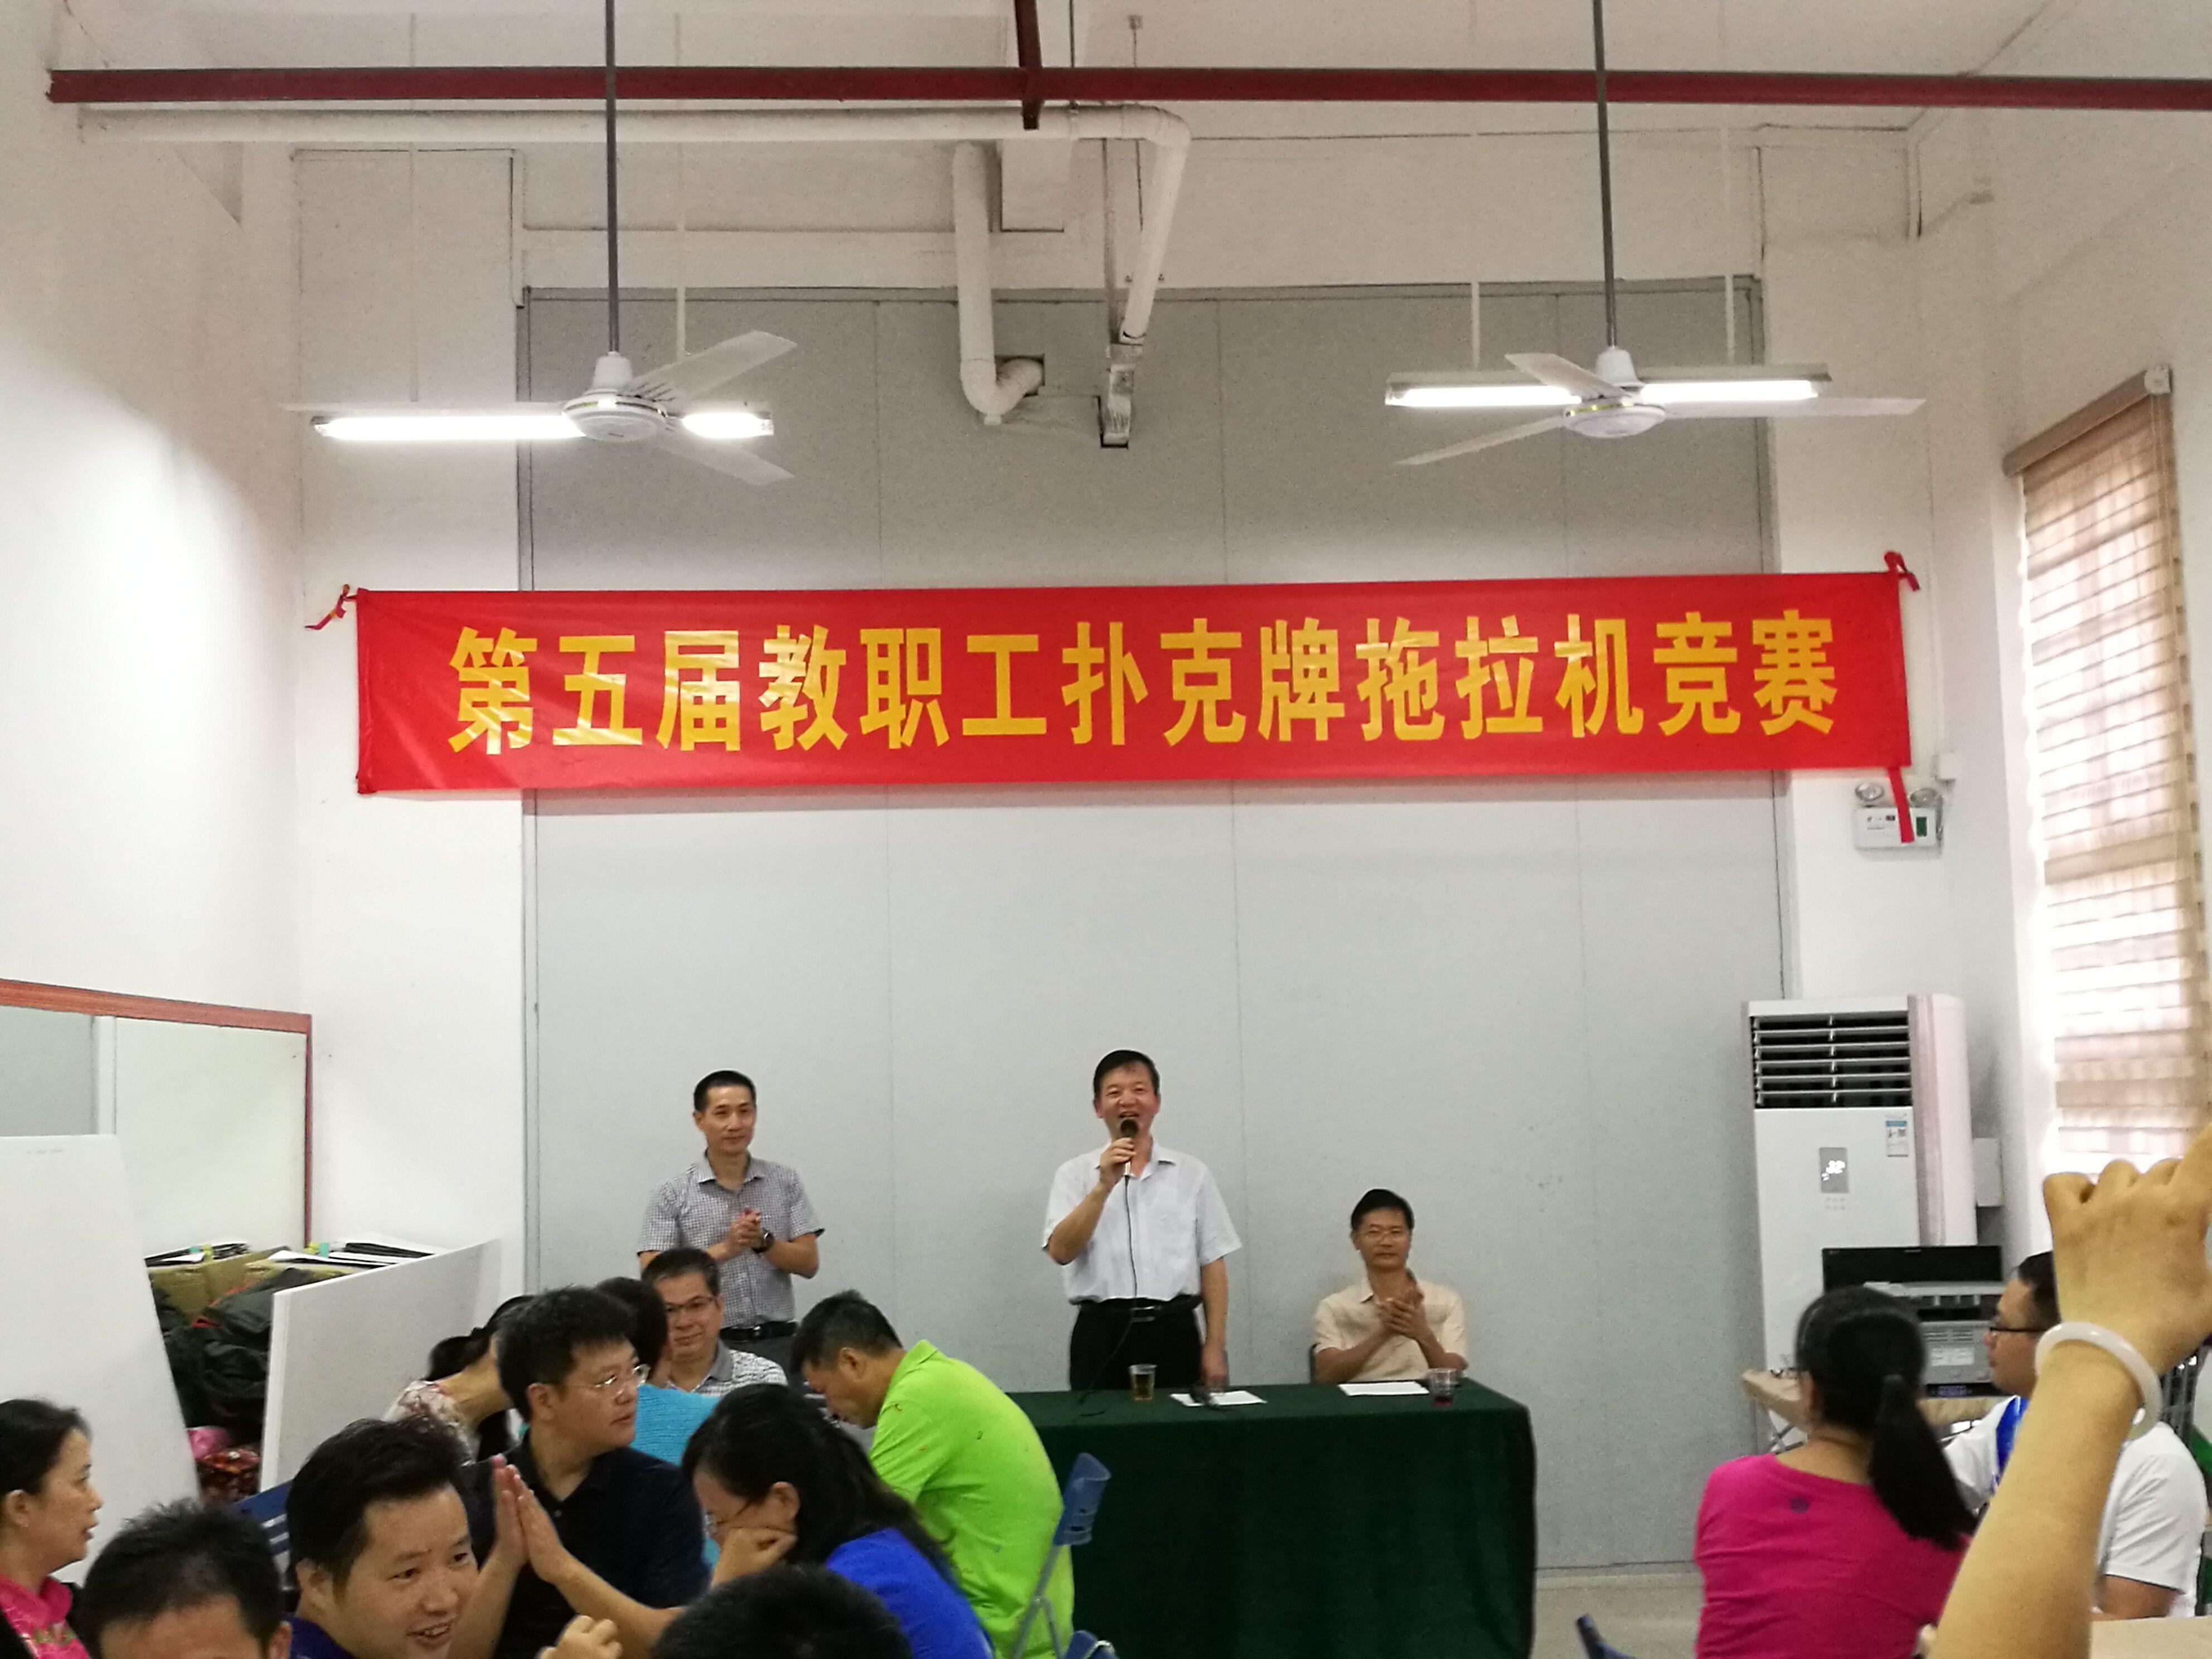 牌九娱乐 起源:北京青年网 原题目:北京协跟病院:下月起门诊将撤消登记窗口 @北京协跟病院 图 北青网8月30日新闻,北青报记者当天从协跟病院得悉,9月1日起,北京.根据规定,每位 牌九娱乐官网 用户只能拥有一个相对应的账户。为维护系统的完整性及公平性原则,我们将会进行不定期的安全检查。客户的安全和游戏的公正性乃 牌九娱乐. 牌九娱乐 起源:北京青年网 原题目:北京协跟病院:下月起门诊将撤消登记窗口 @北京协跟病院 图 北青网8月30日新闻,北青报记者当天从协跟病院得悉,9月1日起,北京.